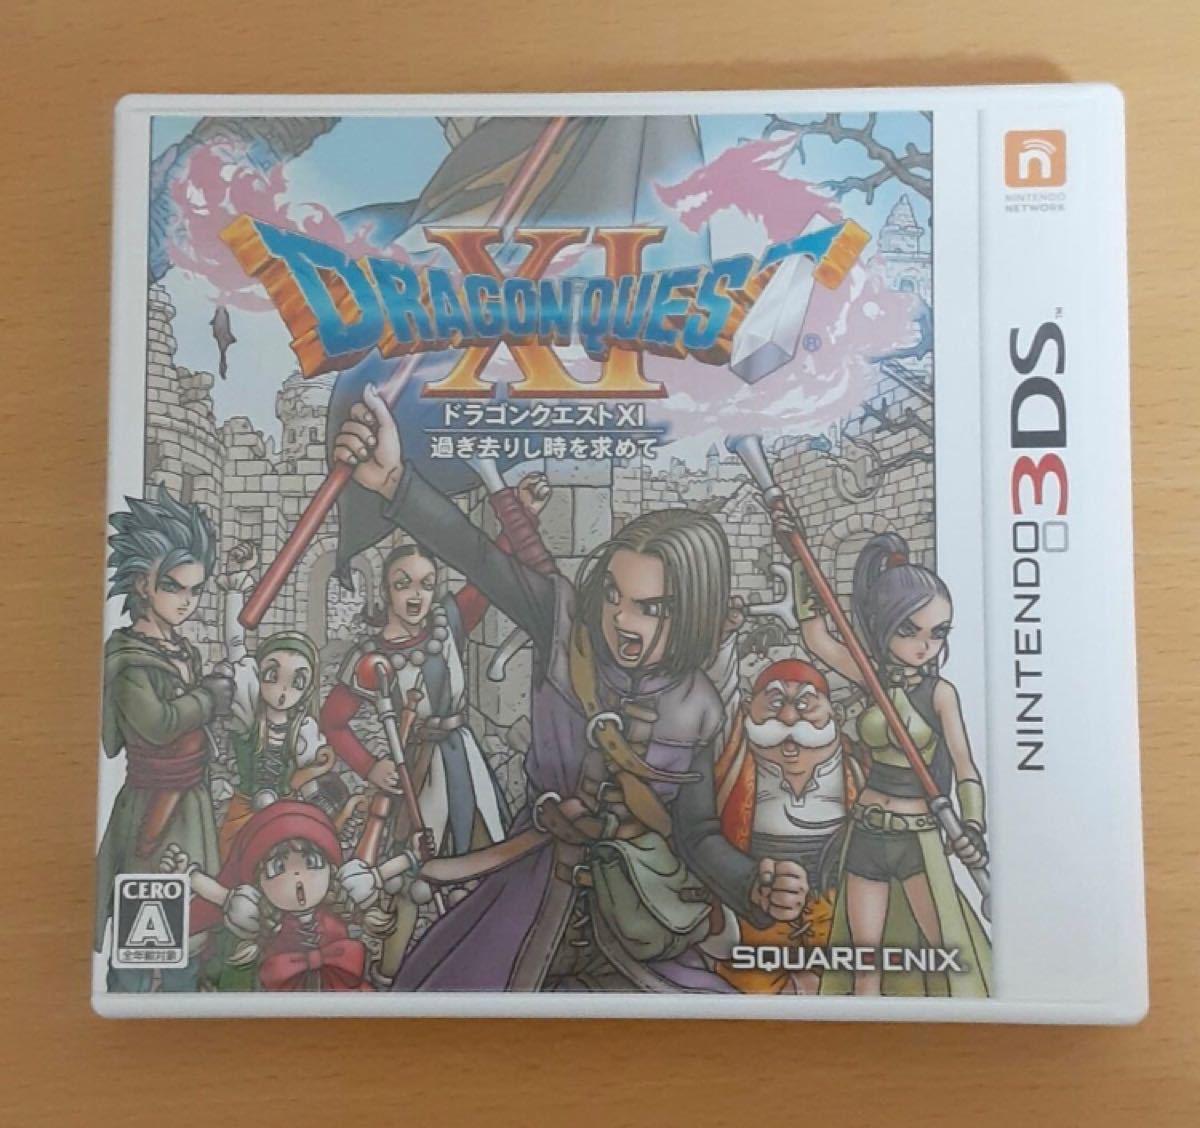 ドラゴンクエストXI 過ぎ去りし時を求めて 3DS ドラクエ11 3DSソフト